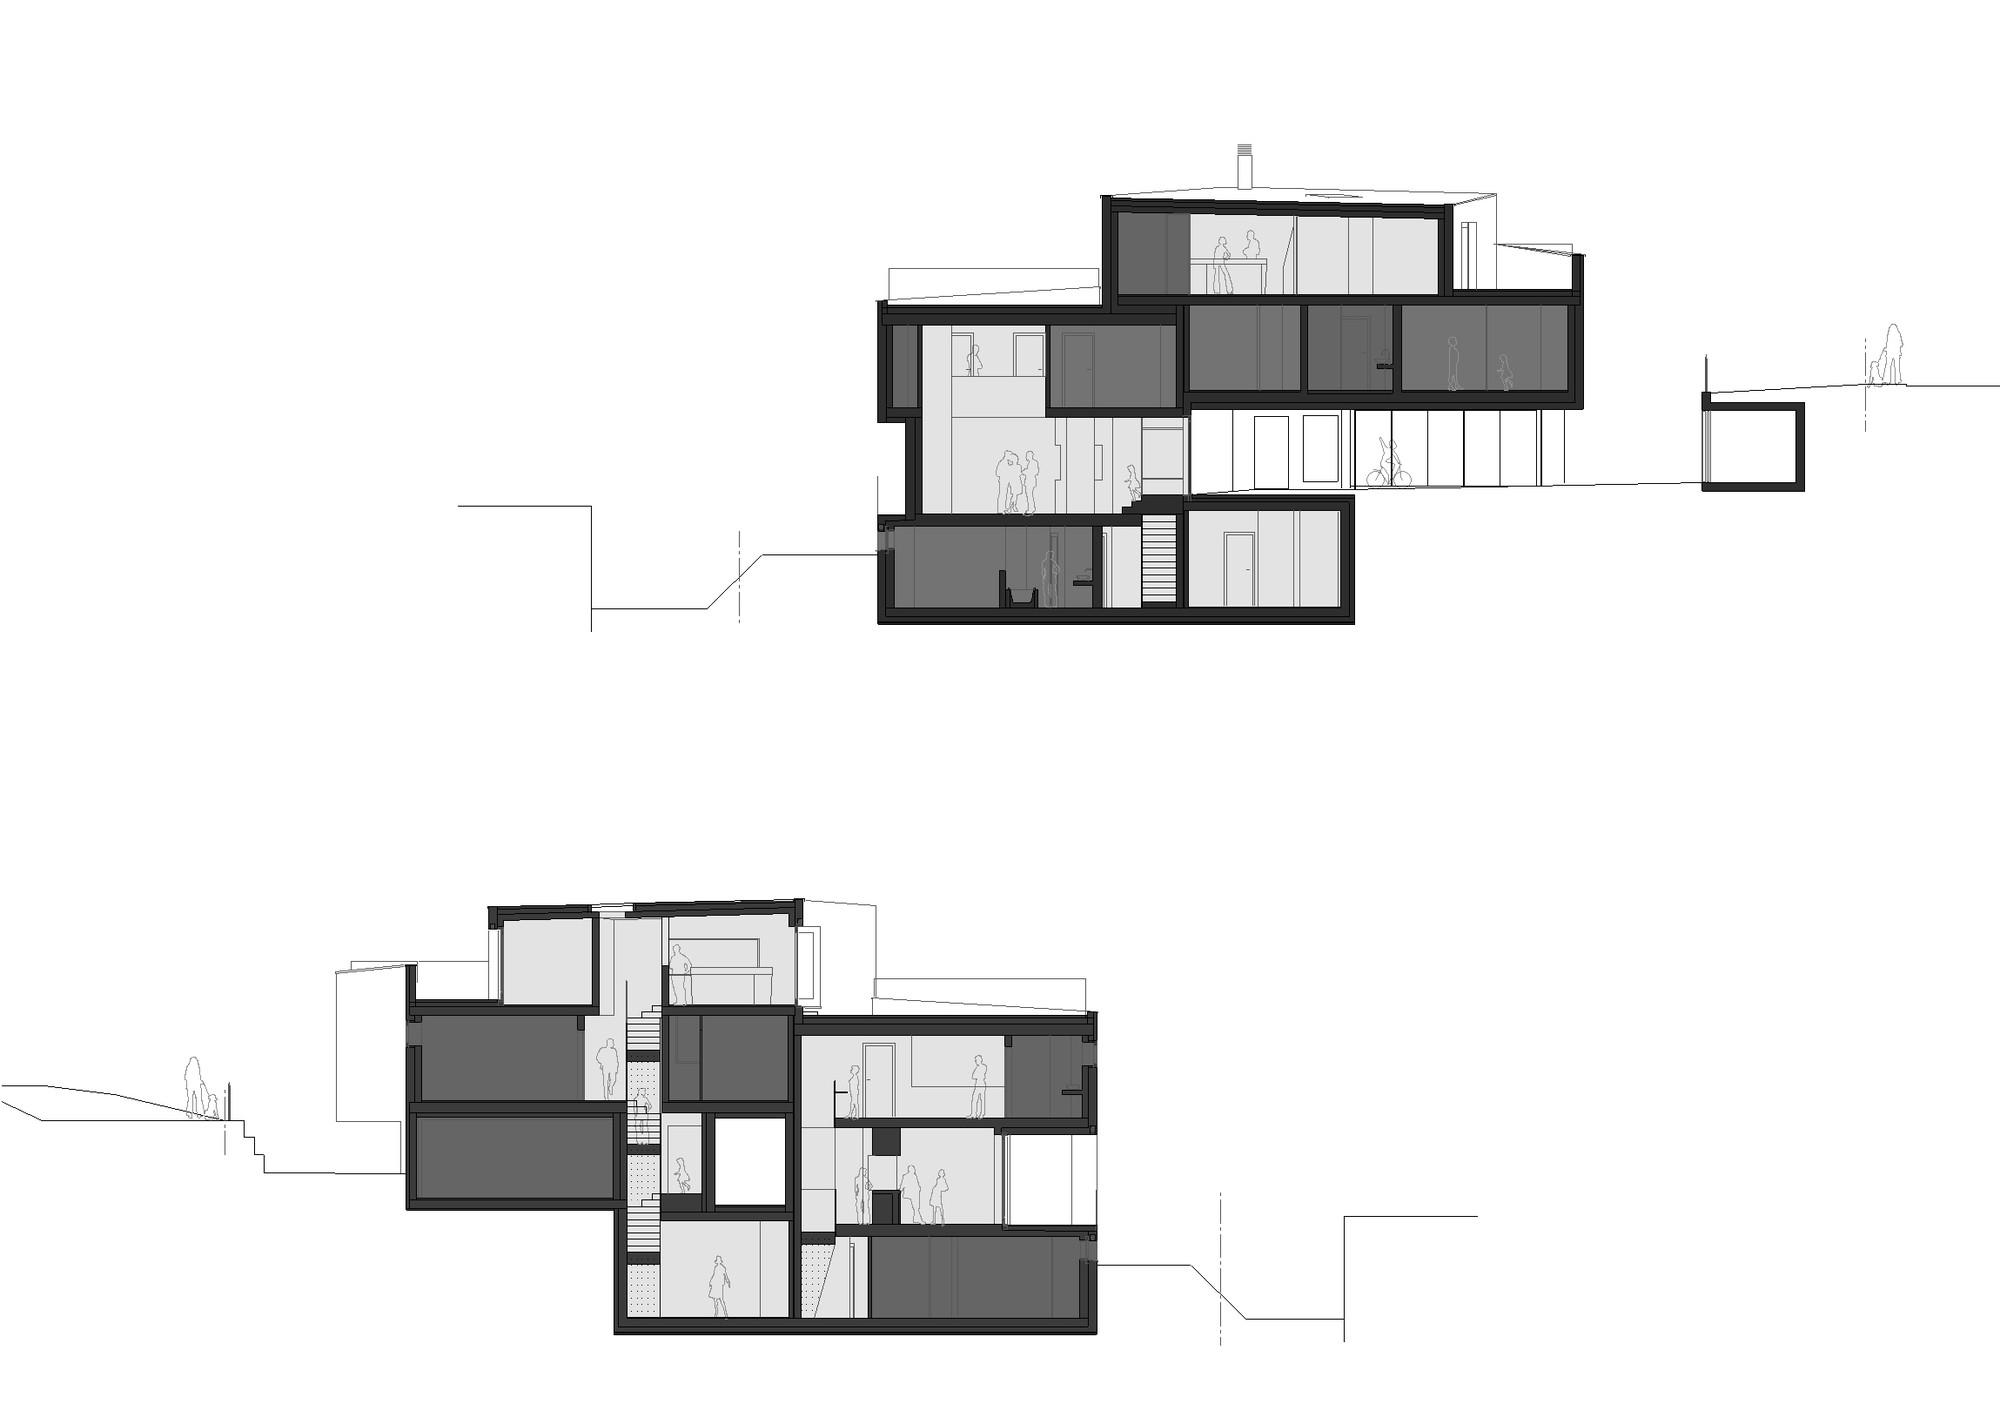 Chiêm ngưỡng mẫu nhà đẹp tối giản Duplexhouse tại Thụy Sĩ - 05